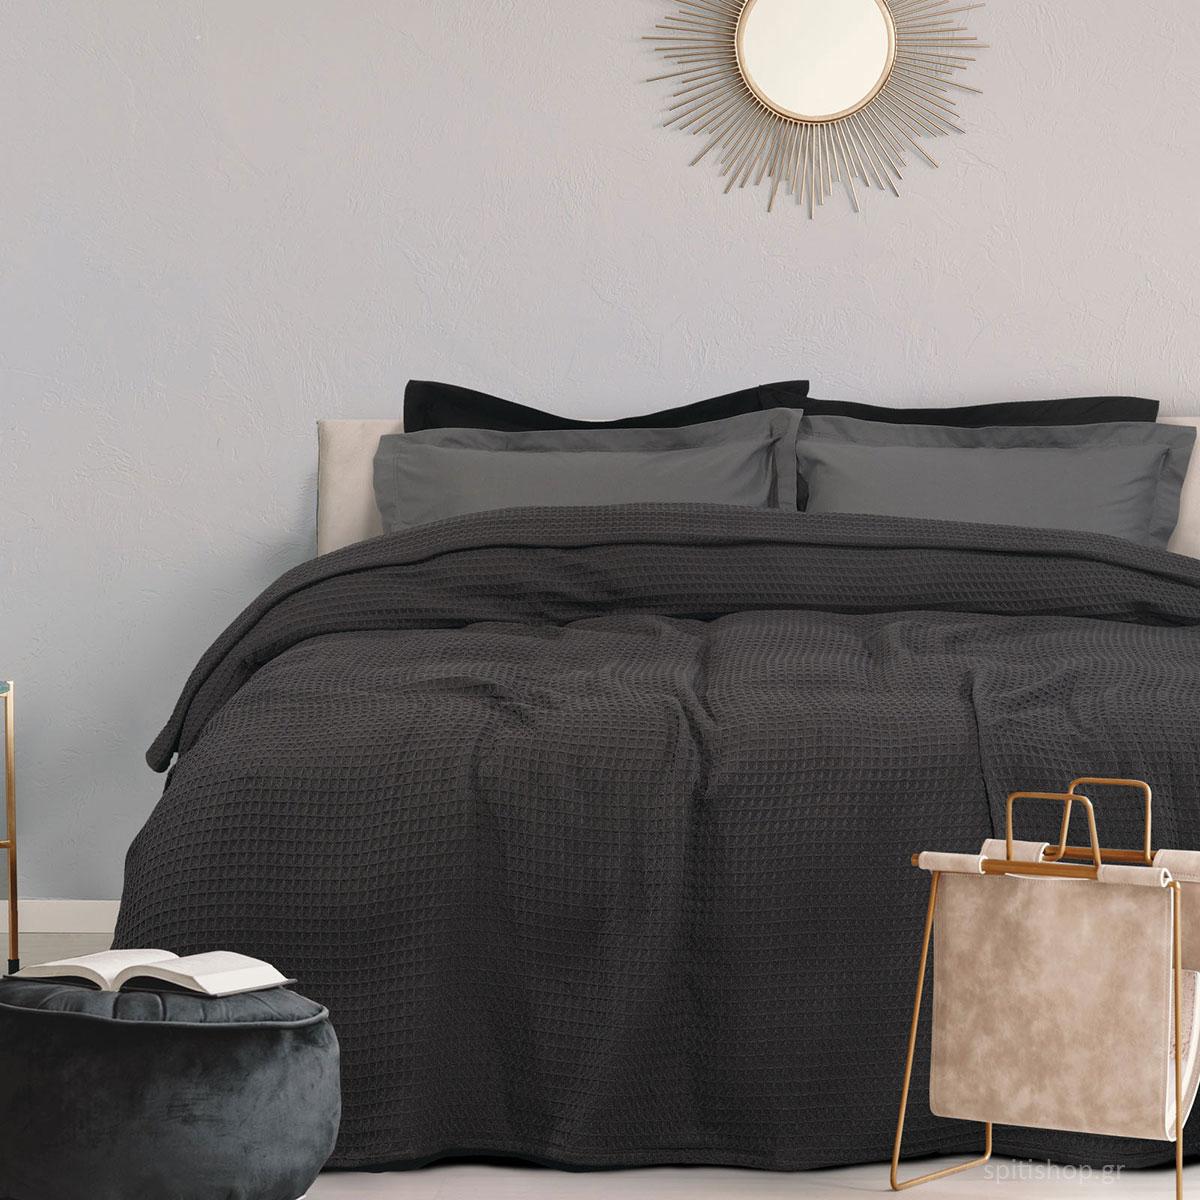 Κουβέρτα Πικέ Υπέρδιπλη Das Home Blanket 0439 Black